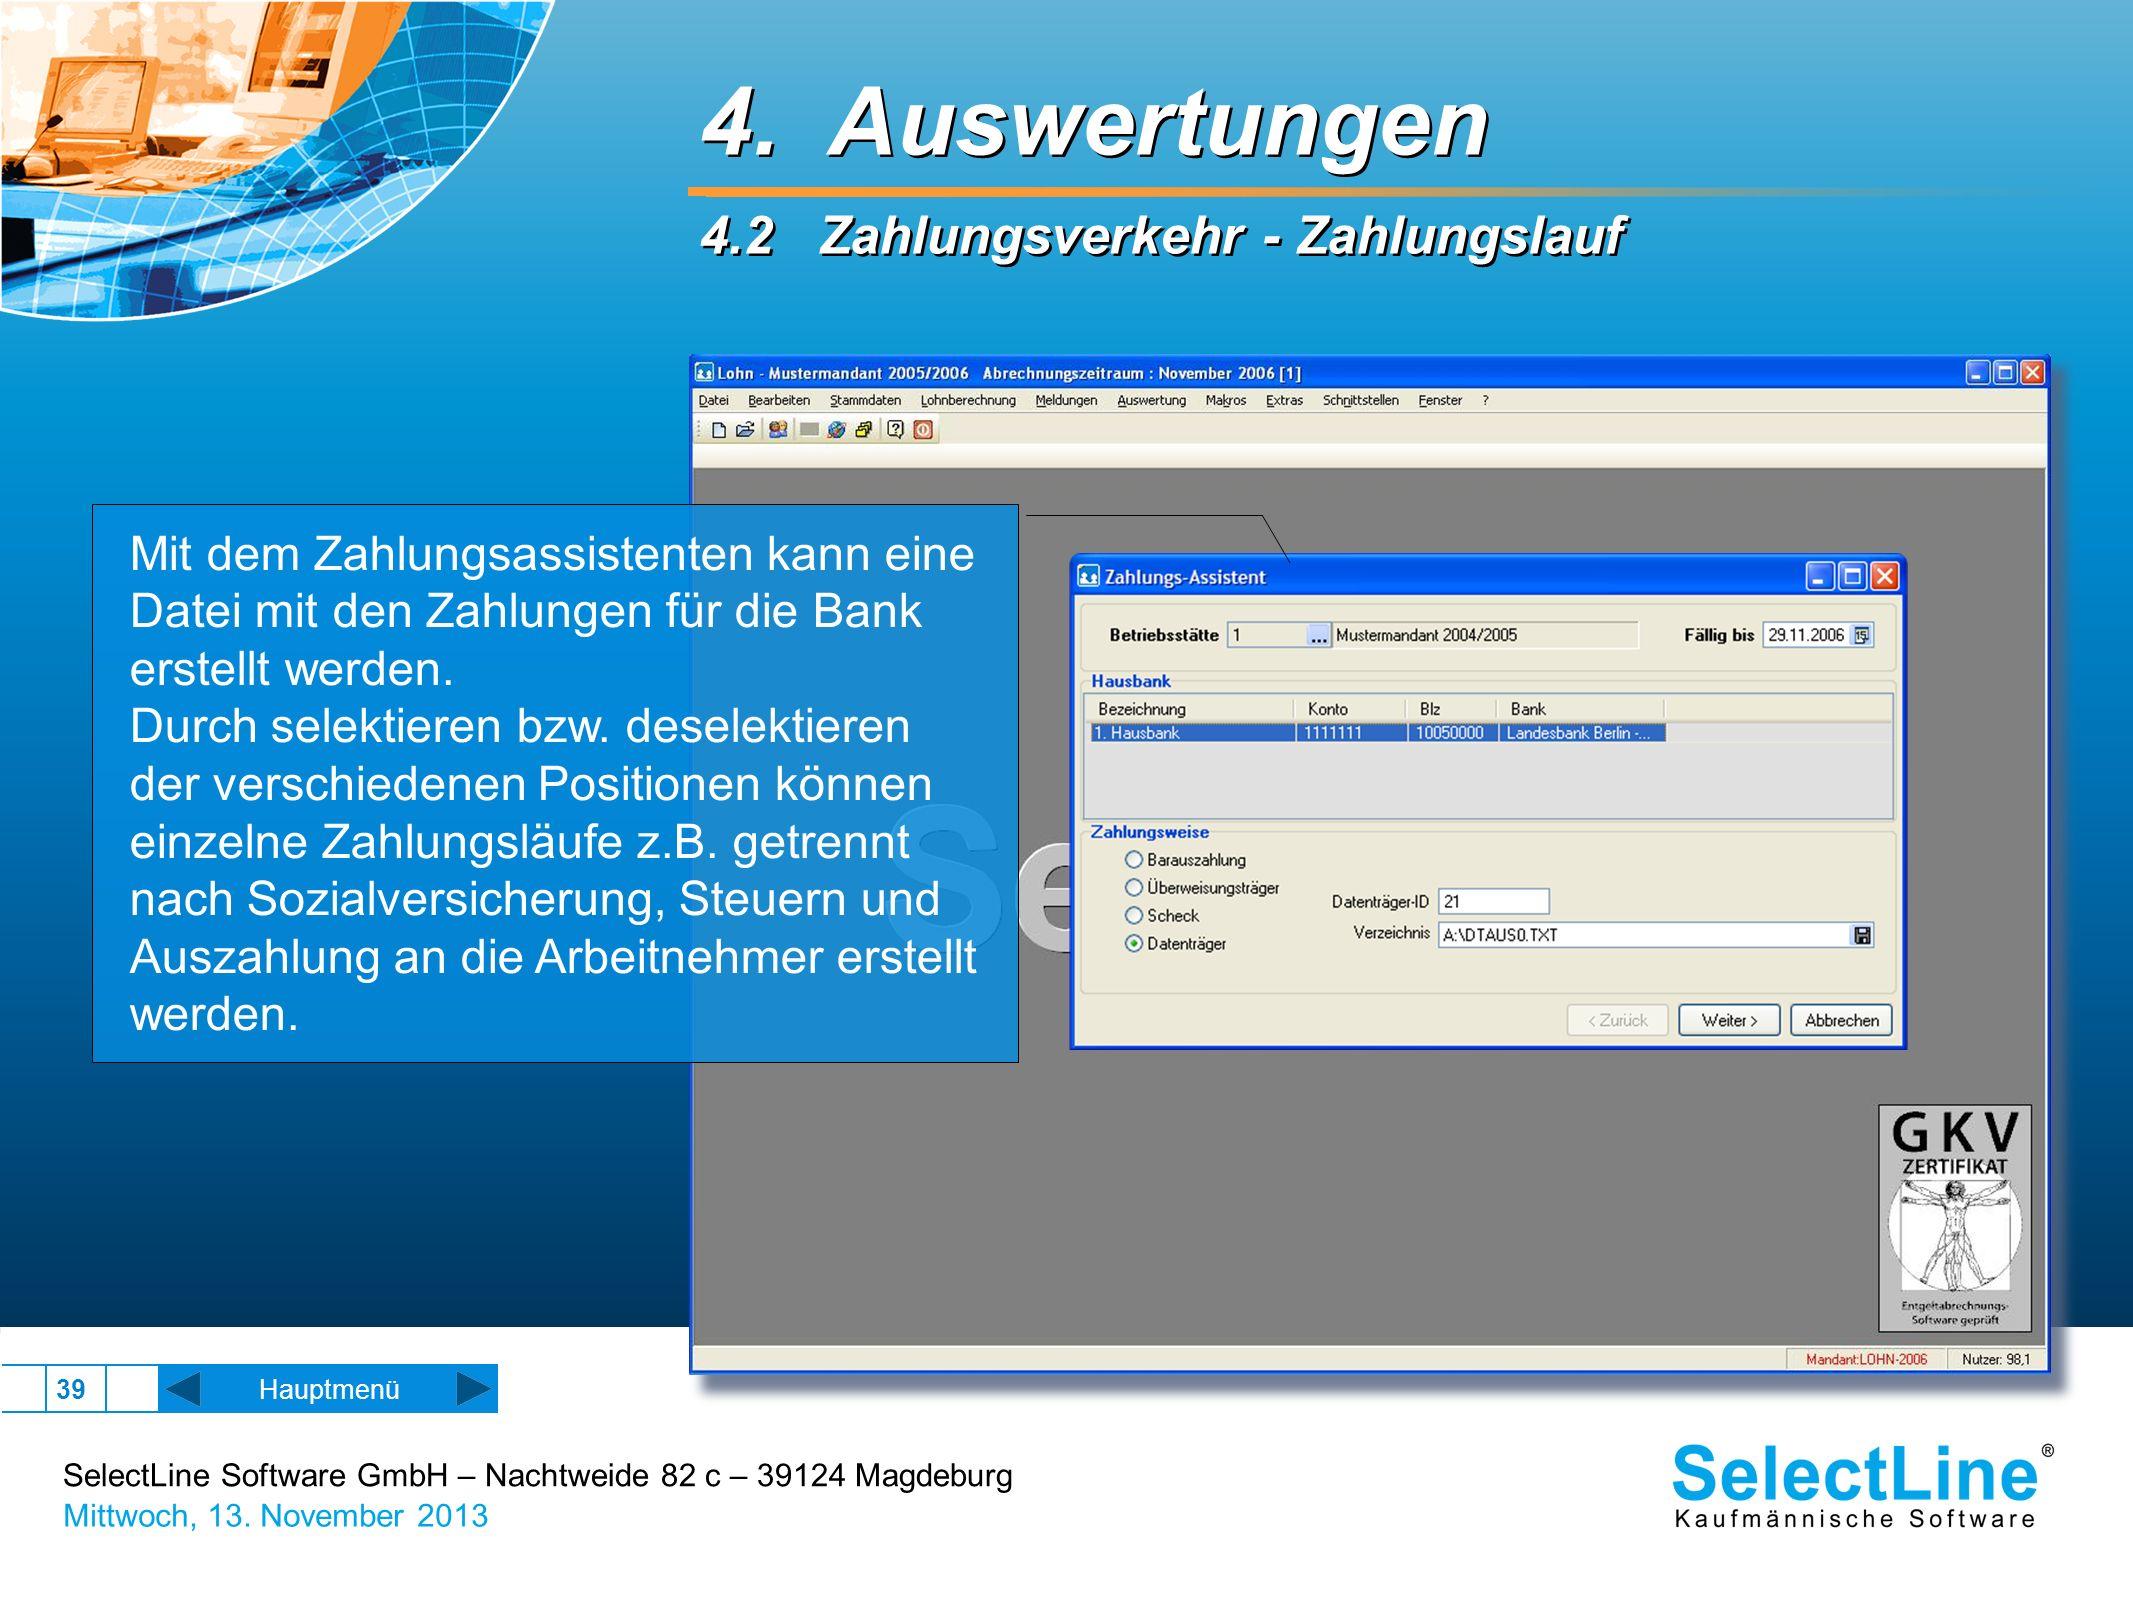 4. Auswertungen 4.2 Zahlungsverkehr - Zahlungslauf